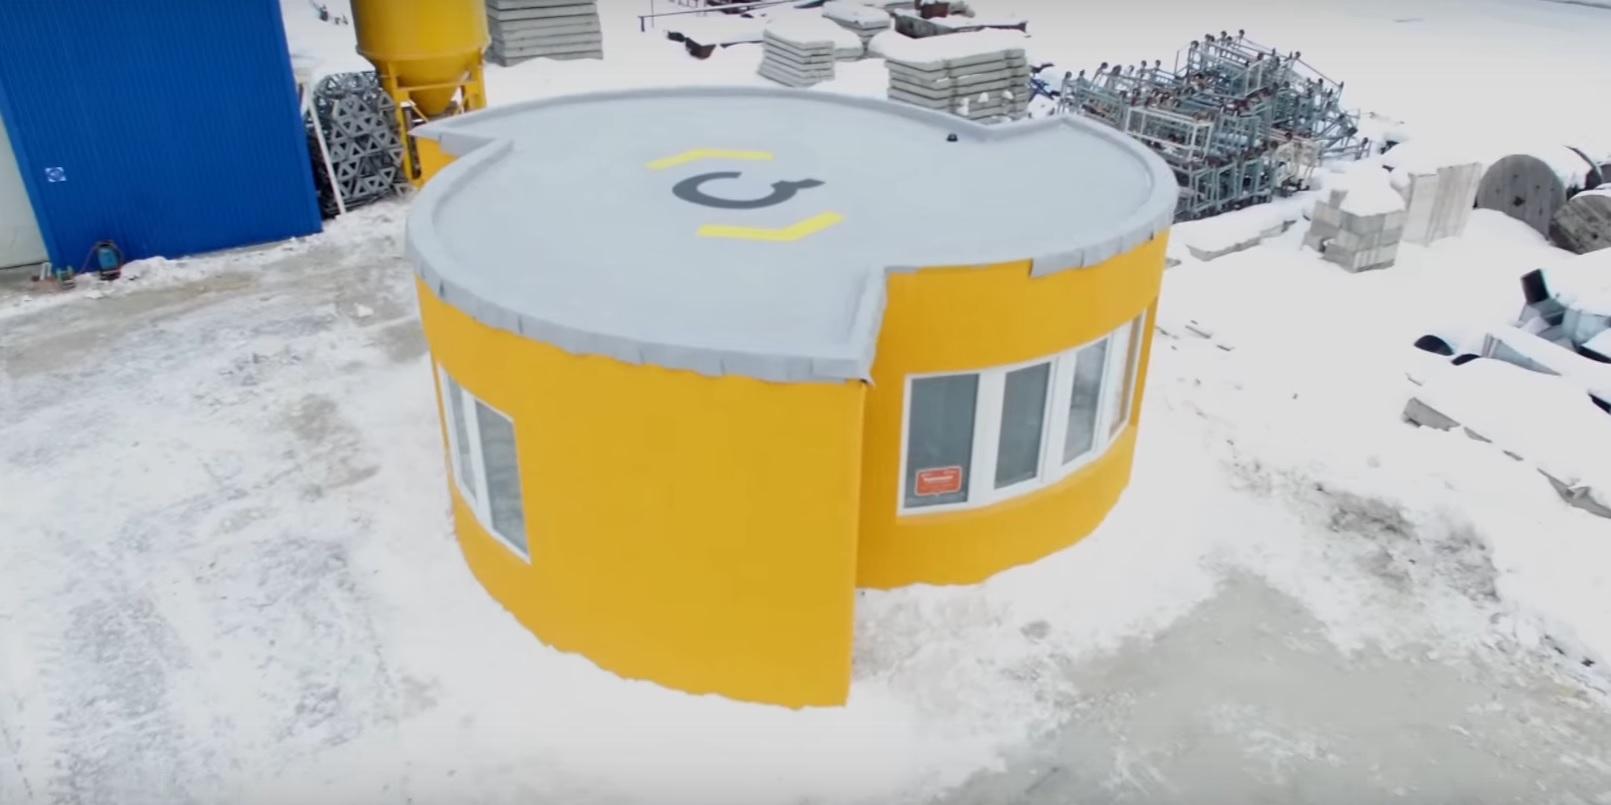 3D printer sayəsində 24 saata yaşayış evi çap edən startap